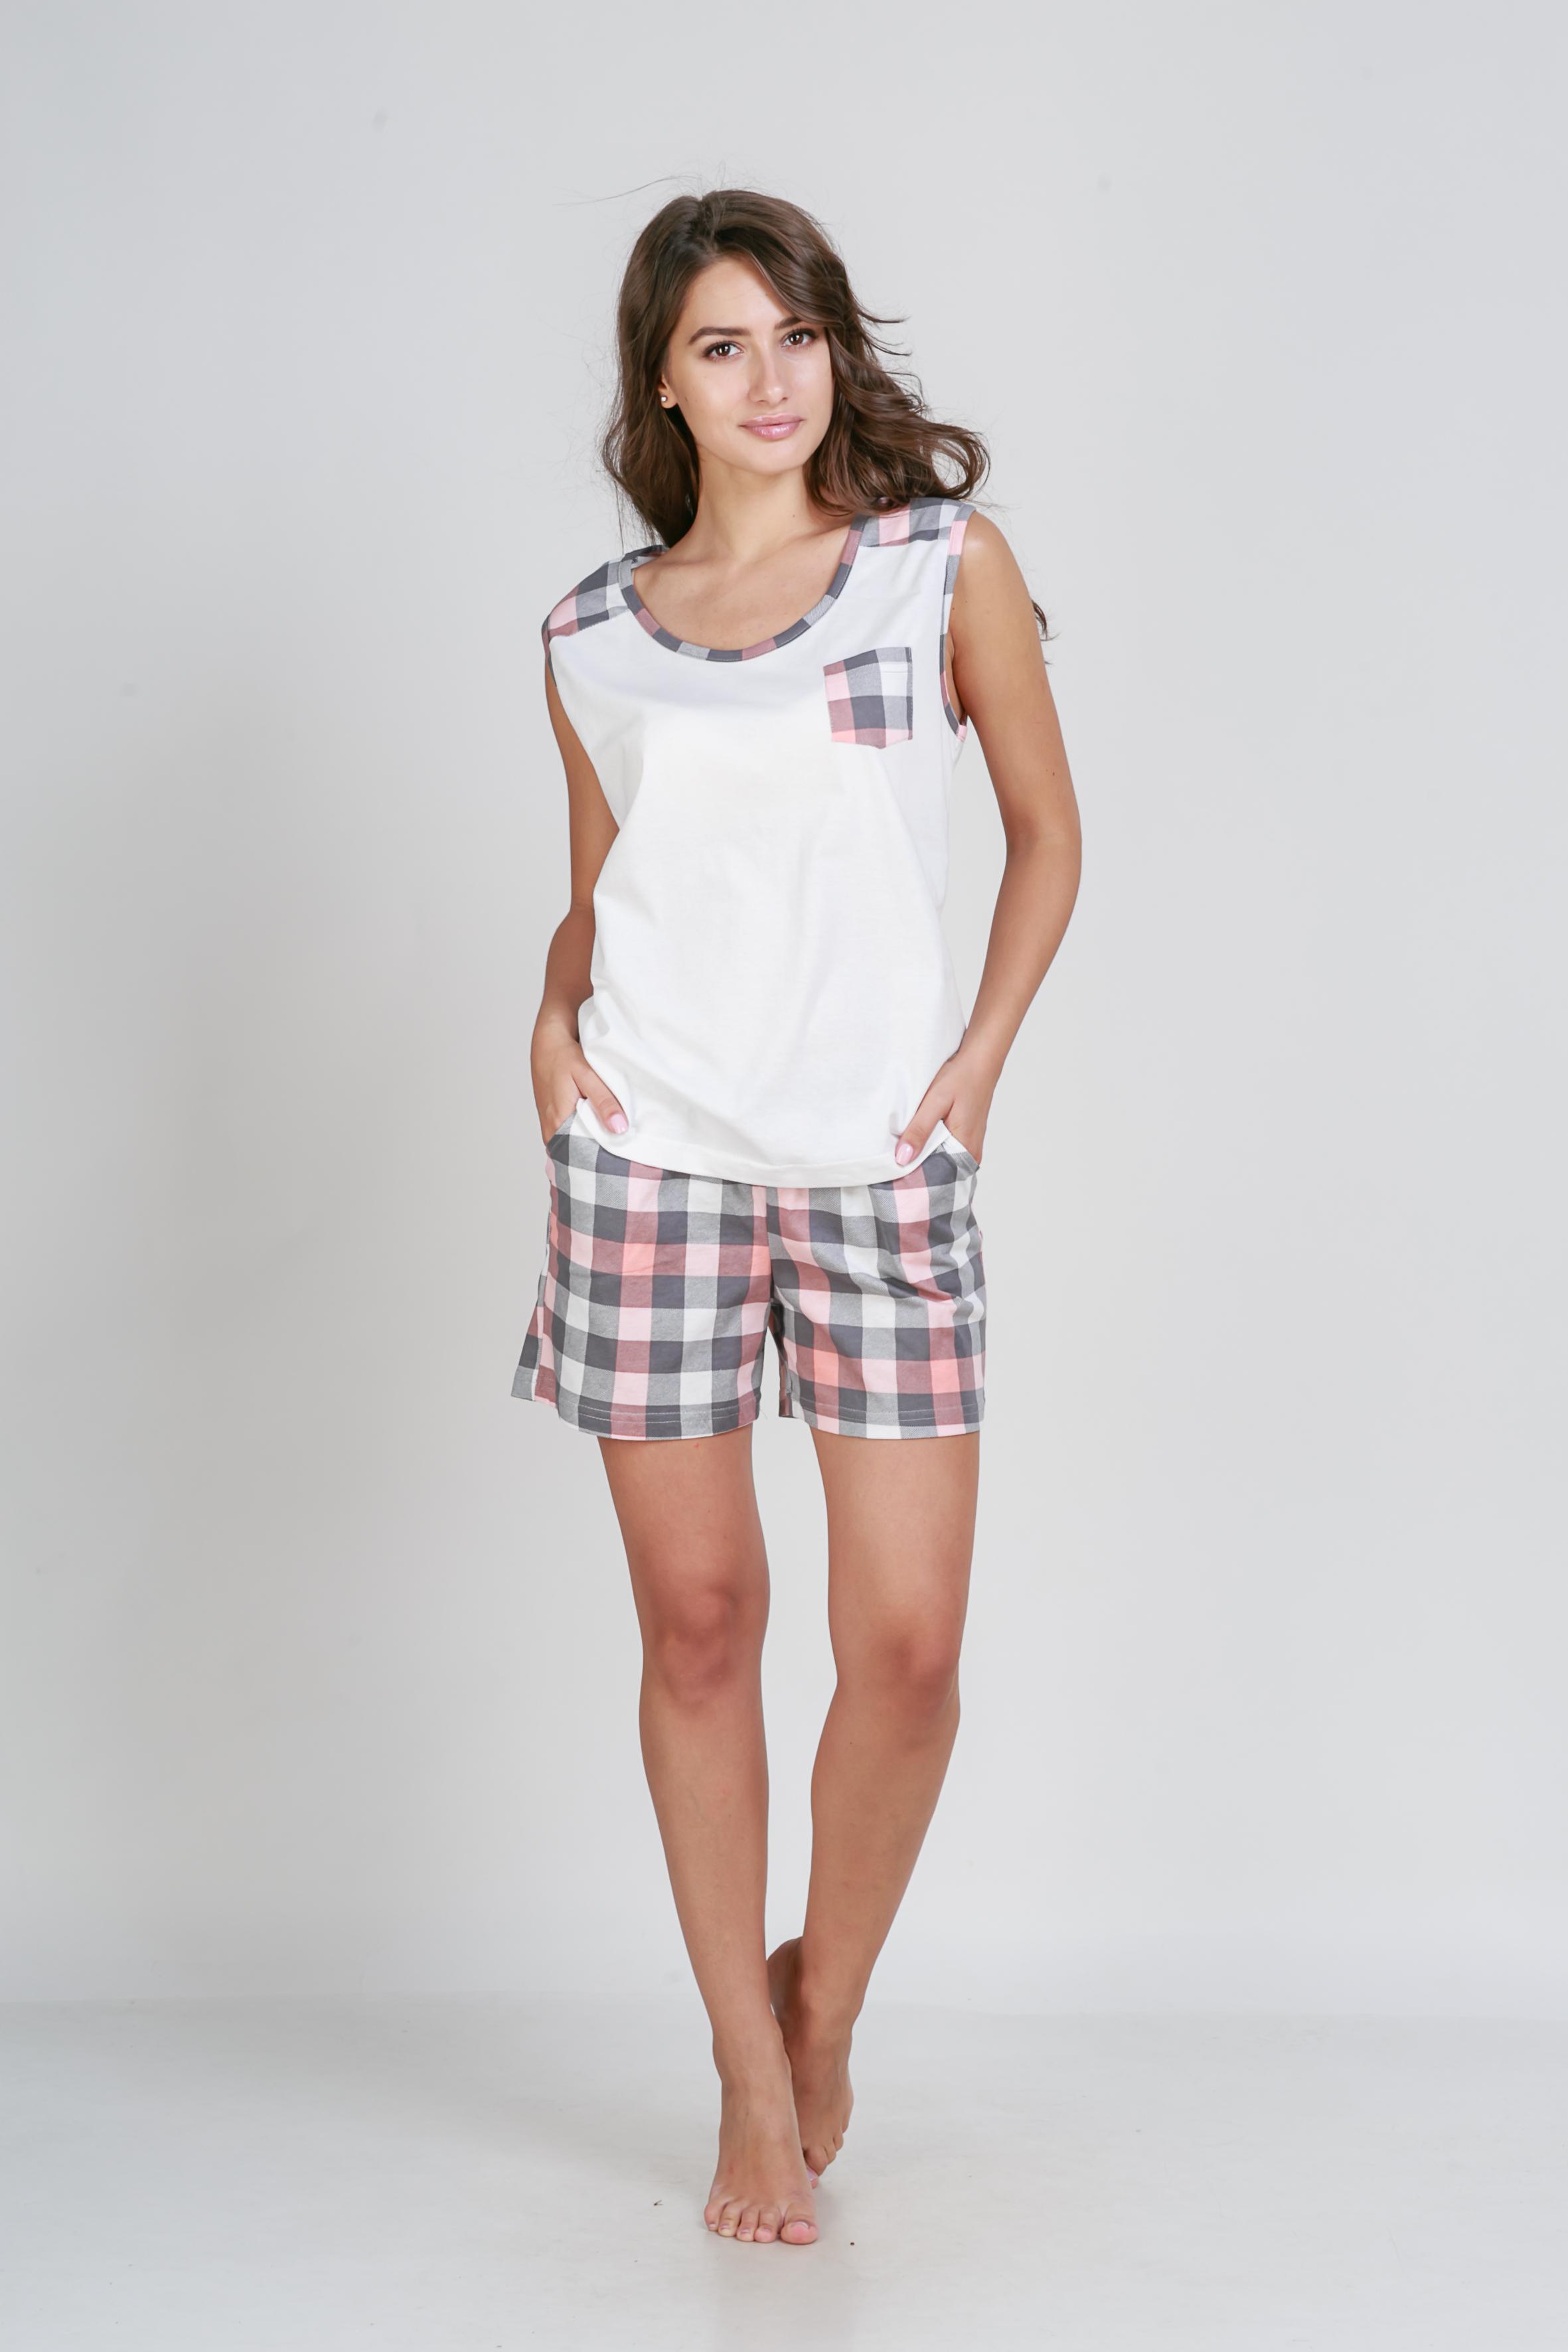 Пижамы Pastilla Пижама Сорренто Цвет: Коралловый (M) пижама жен mia cara майка шорты botanical aw15 ubl lst 264 р 42 44 1119503